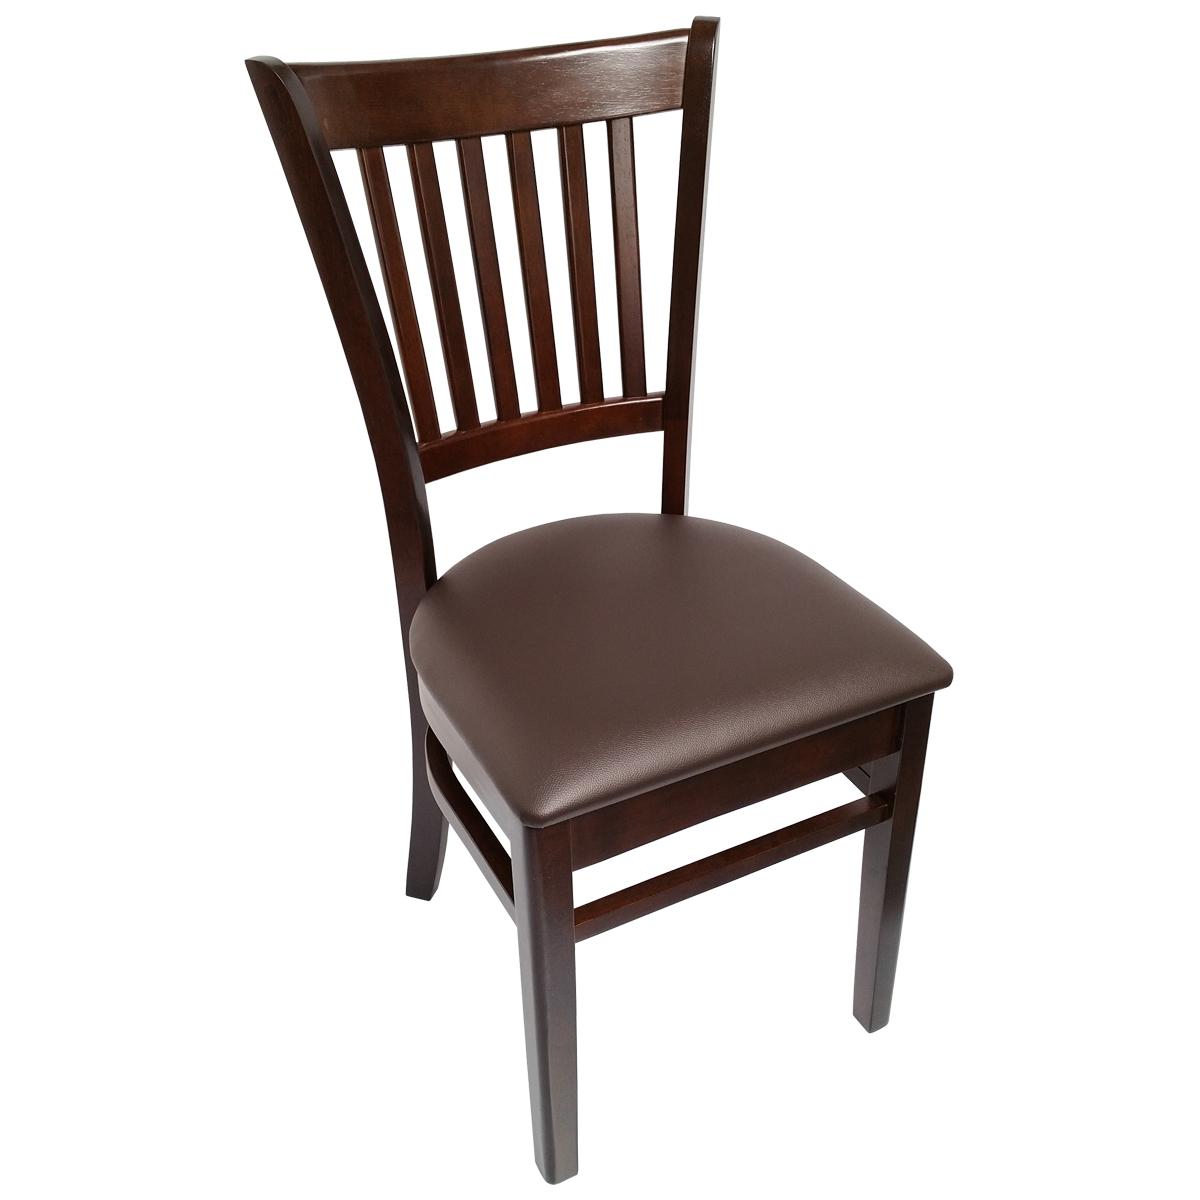 bistro stuhl jolie restaurant st hle st hle ingastro restaurant m bel direkt vom importeur. Black Bedroom Furniture Sets. Home Design Ideas